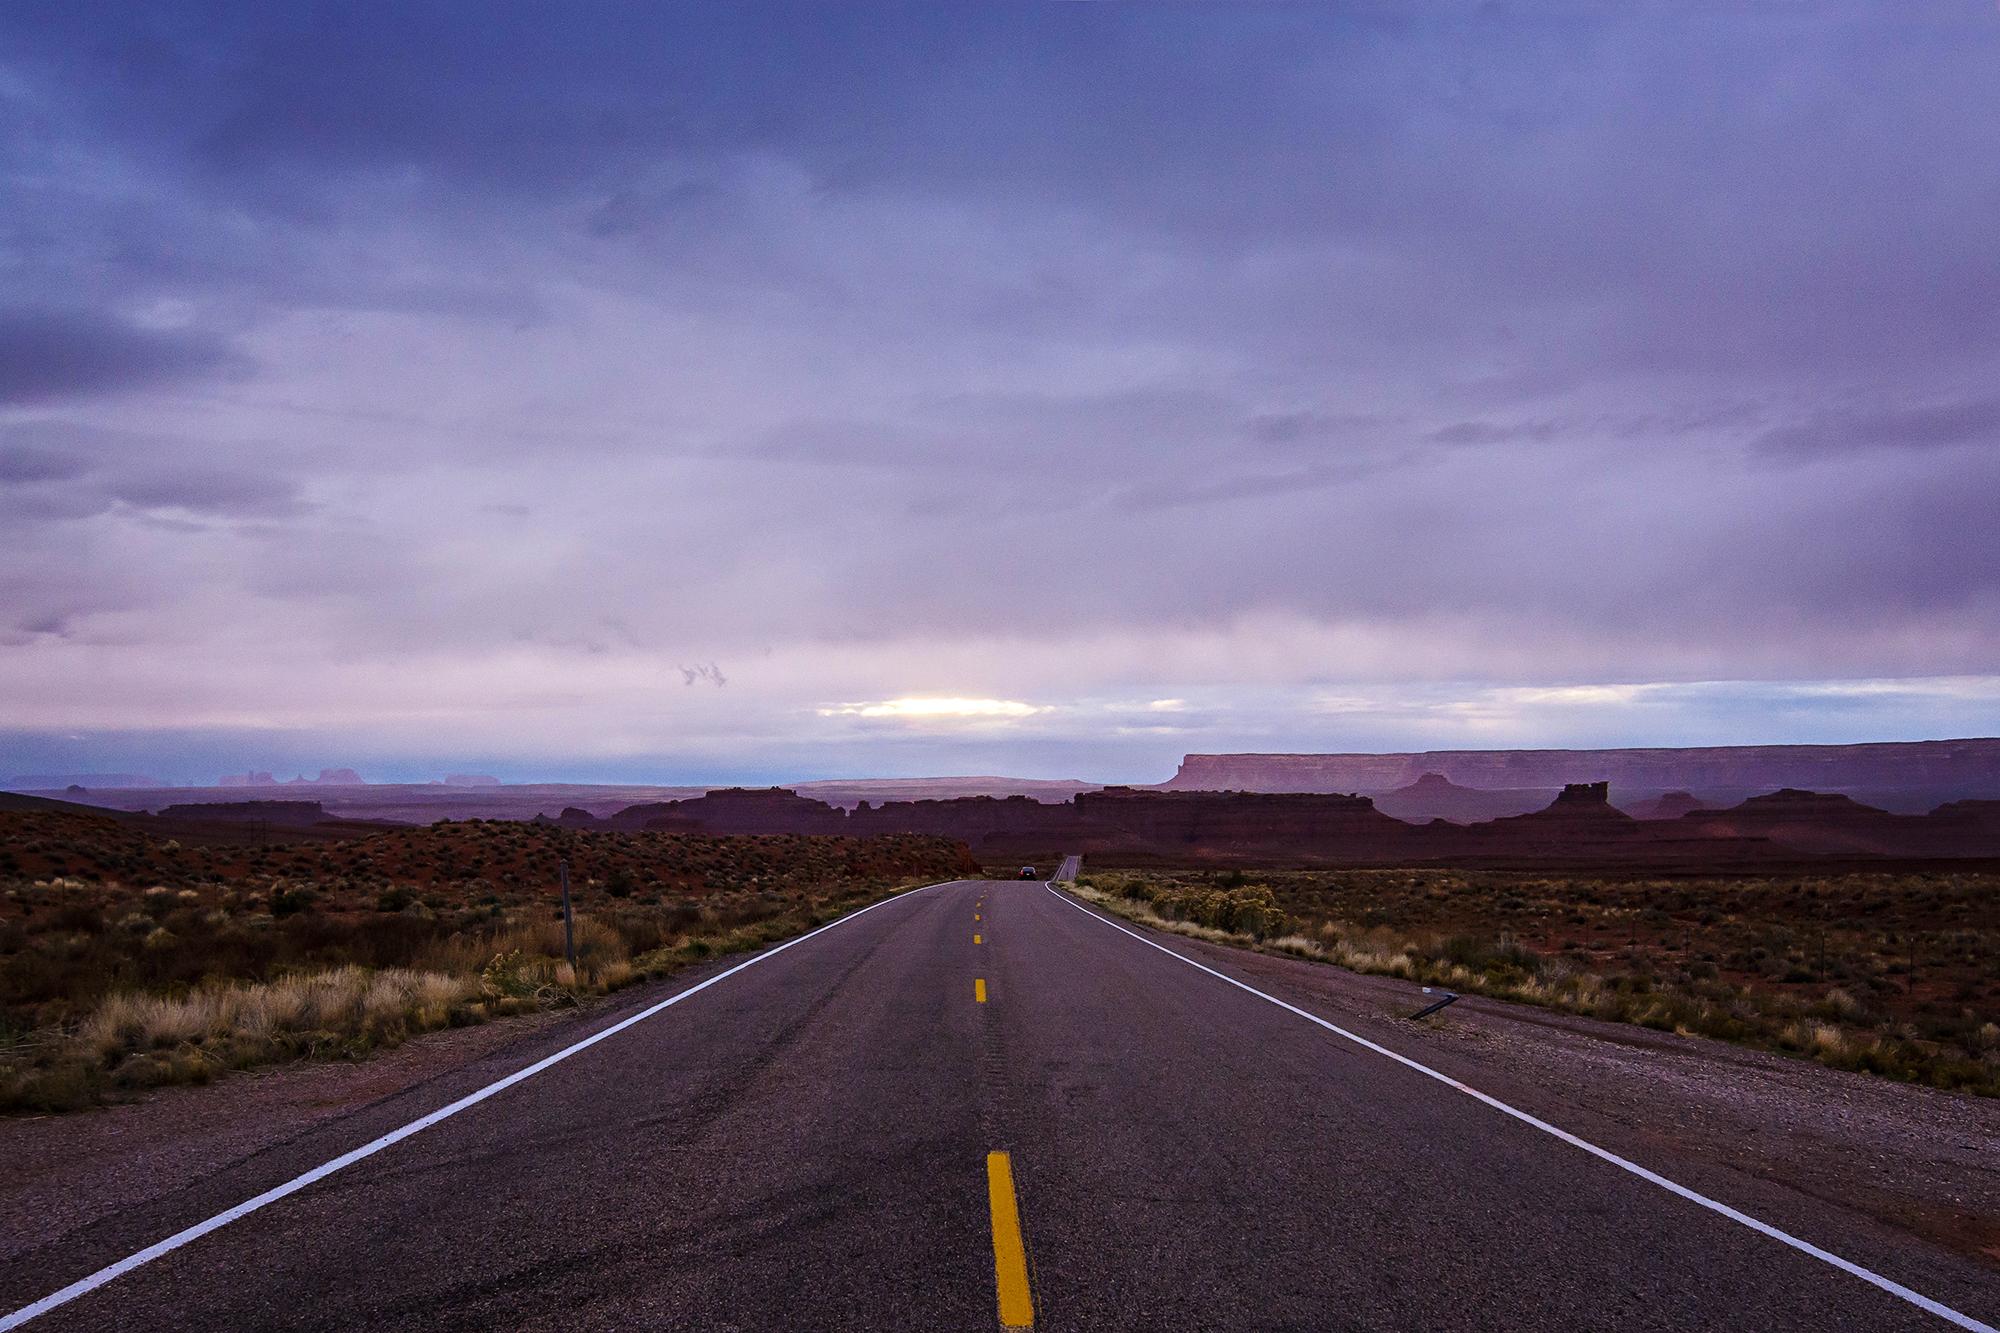 U.S. Route 163